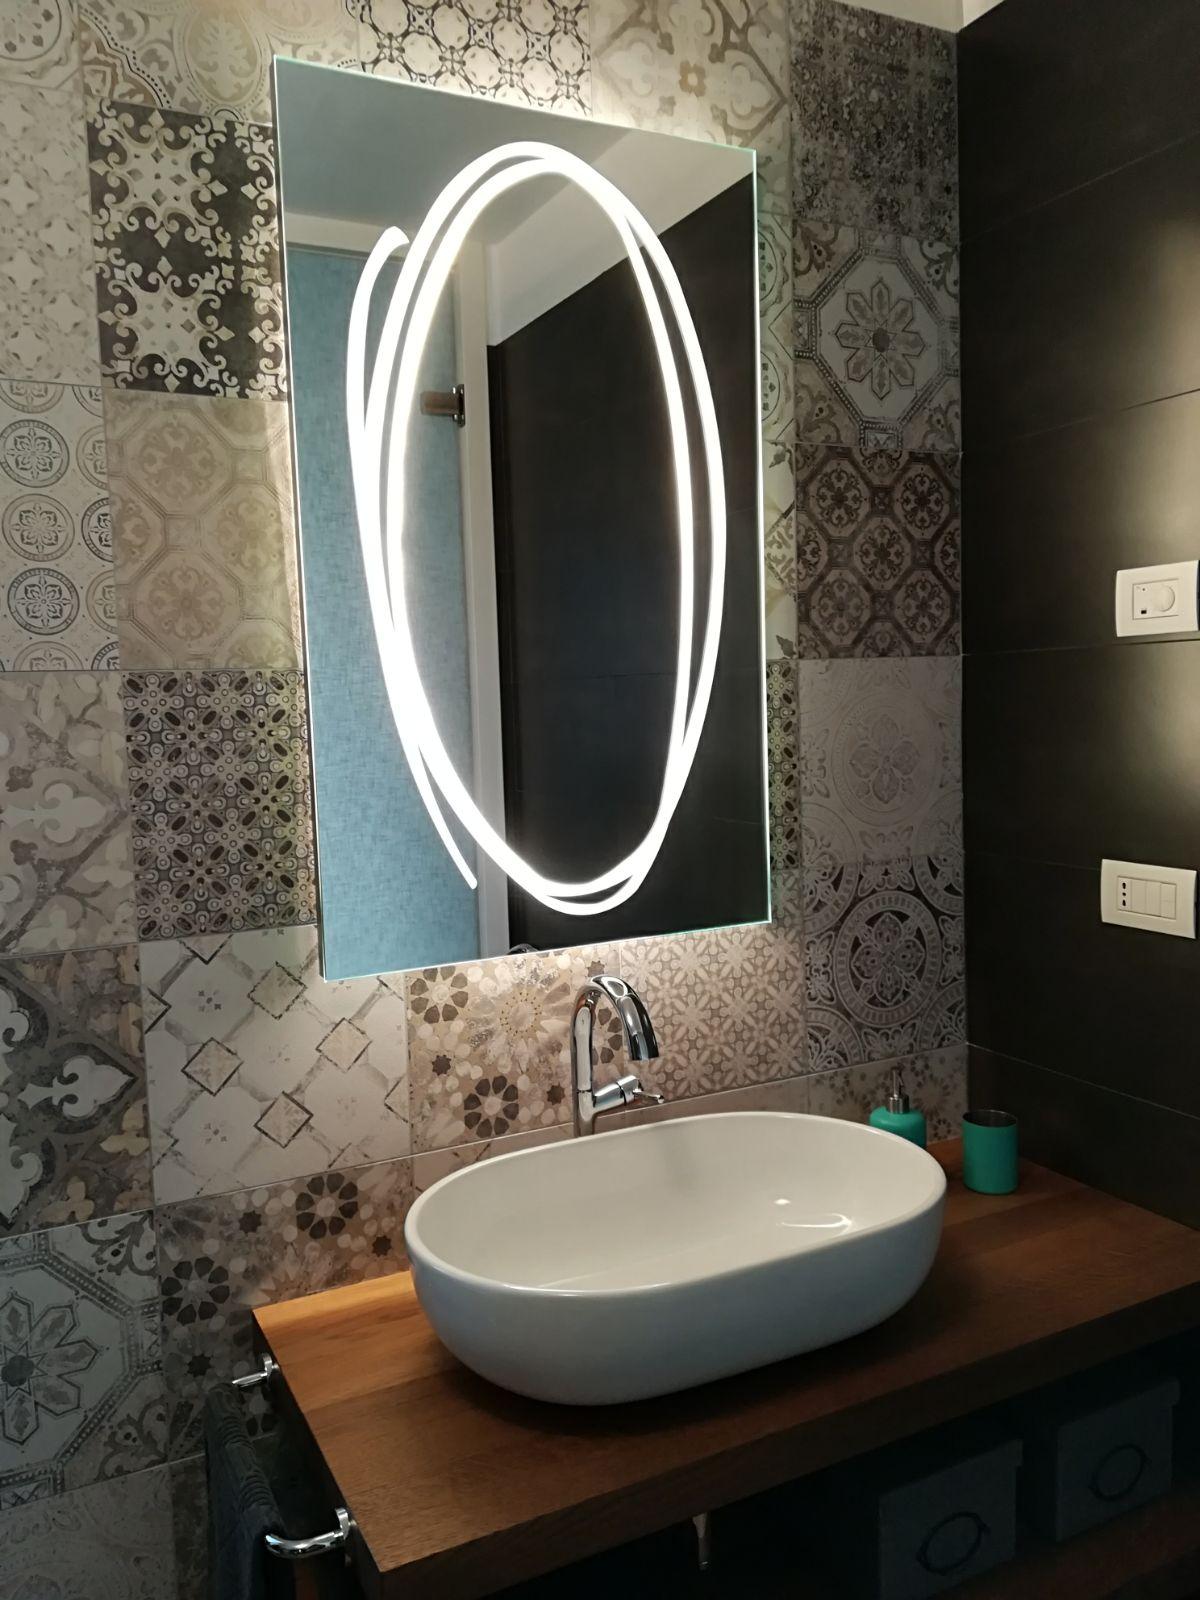 vetreria gottardi, specchio, led, sabbiatura, specchio con led, bagno, design, top bagno, vetro